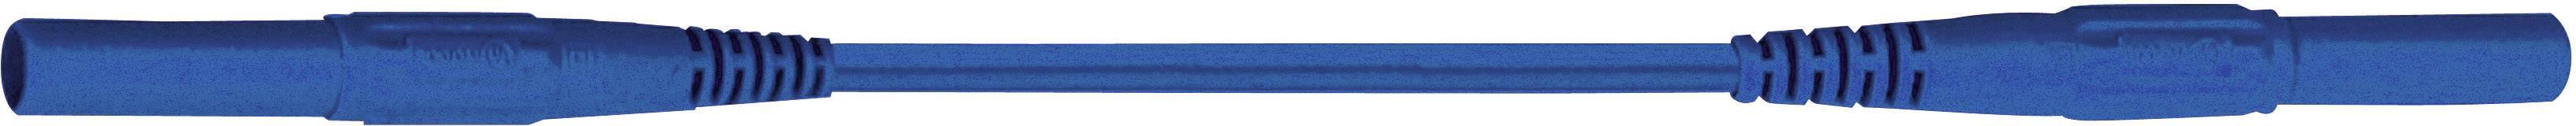 Merací silikónový kábel Multicontact XMS-419, 2,5 mm², modrý, 1,5 m